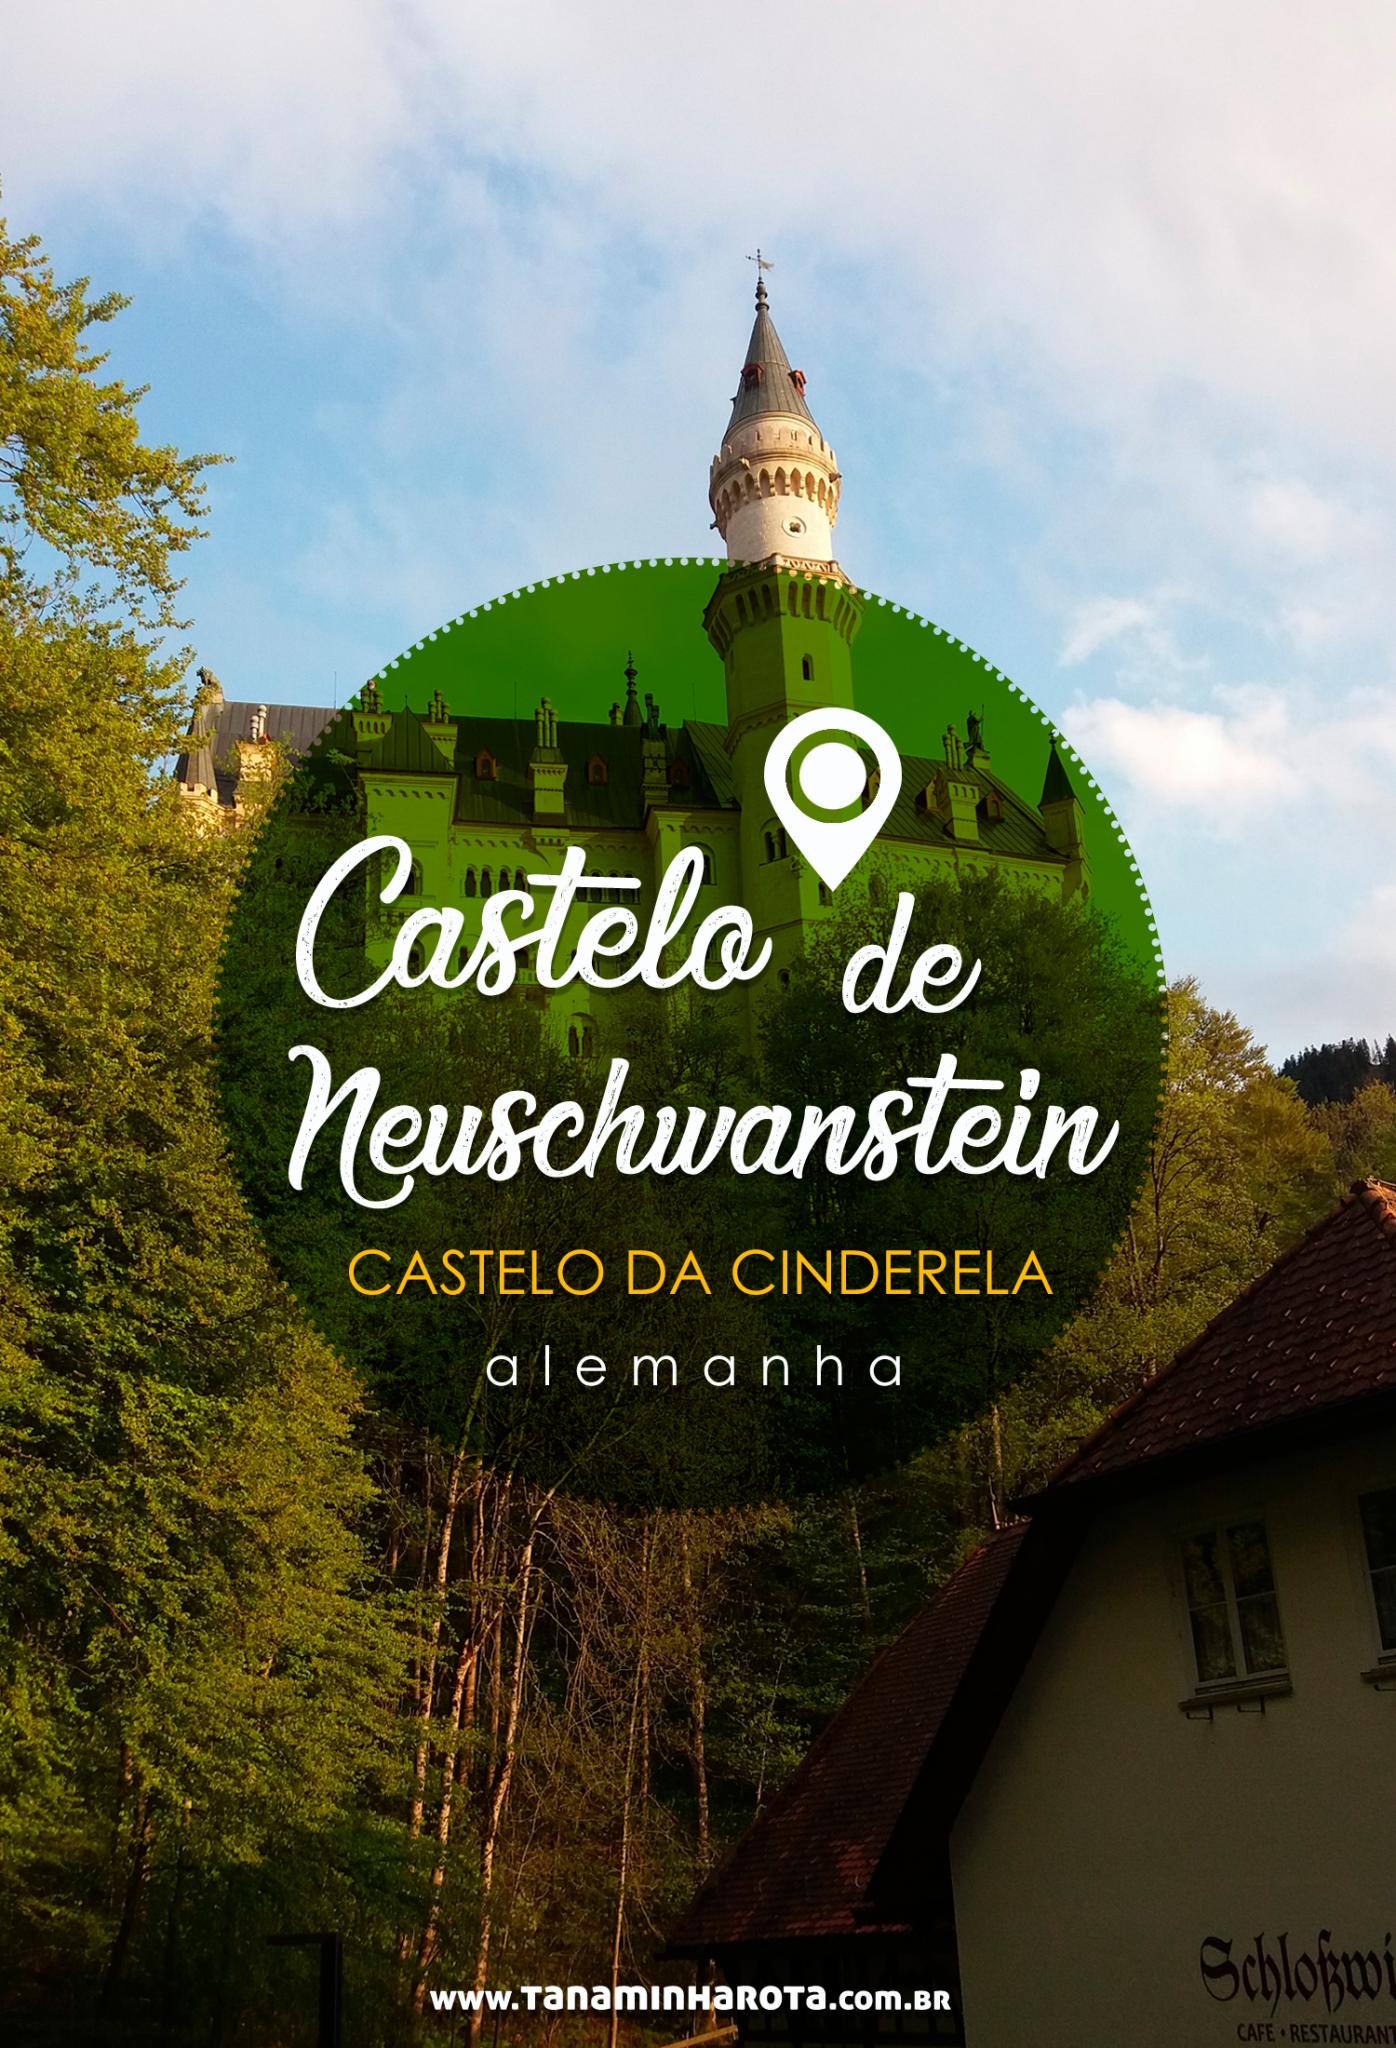 pedido-de-casamento-castelo-da-cinderela-alemanha-castelo-de-neuschwanstein (1)